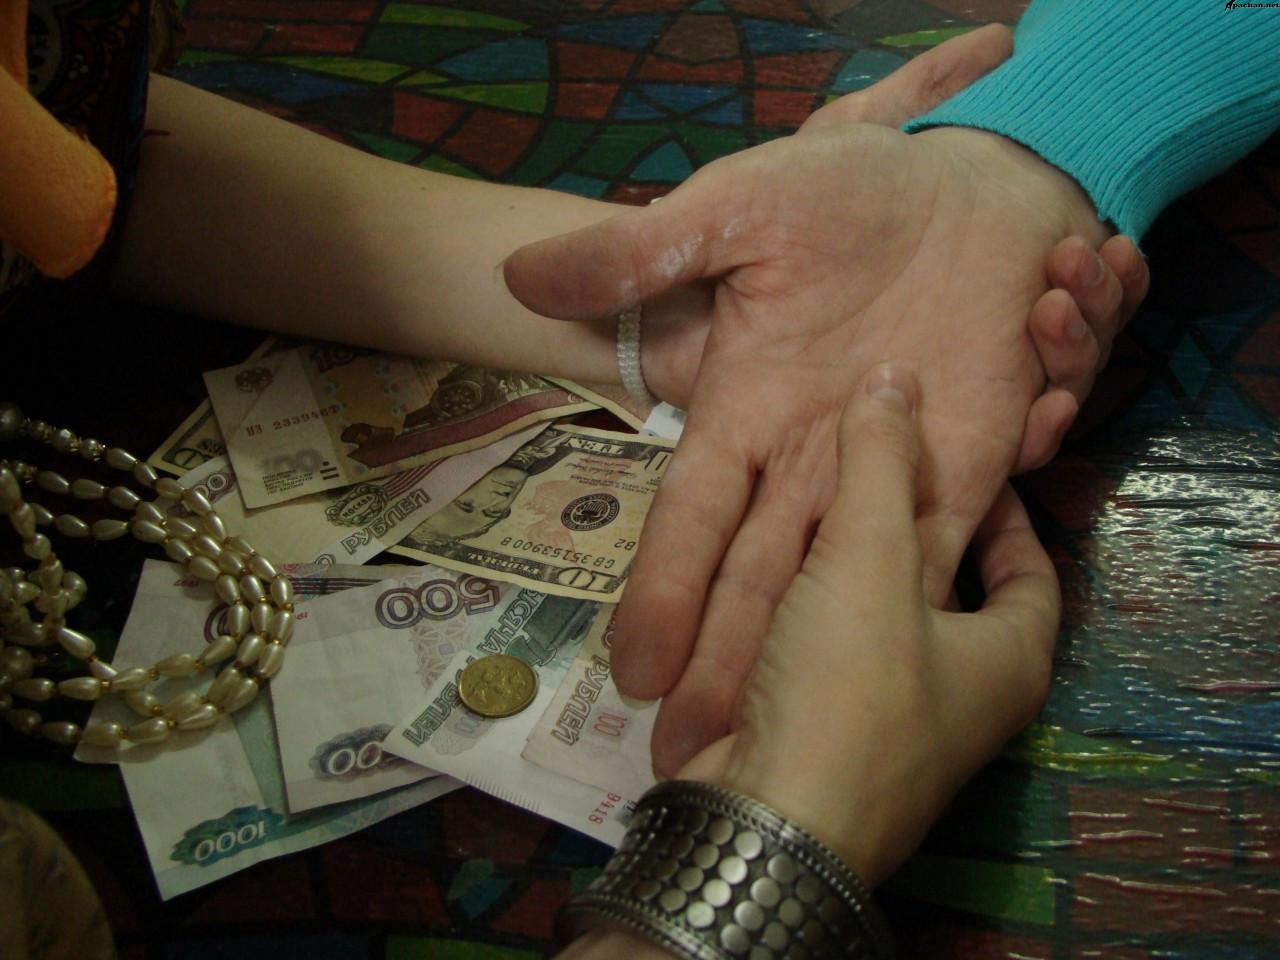 ВКузбассе ищут цыганку, исполняющую желания